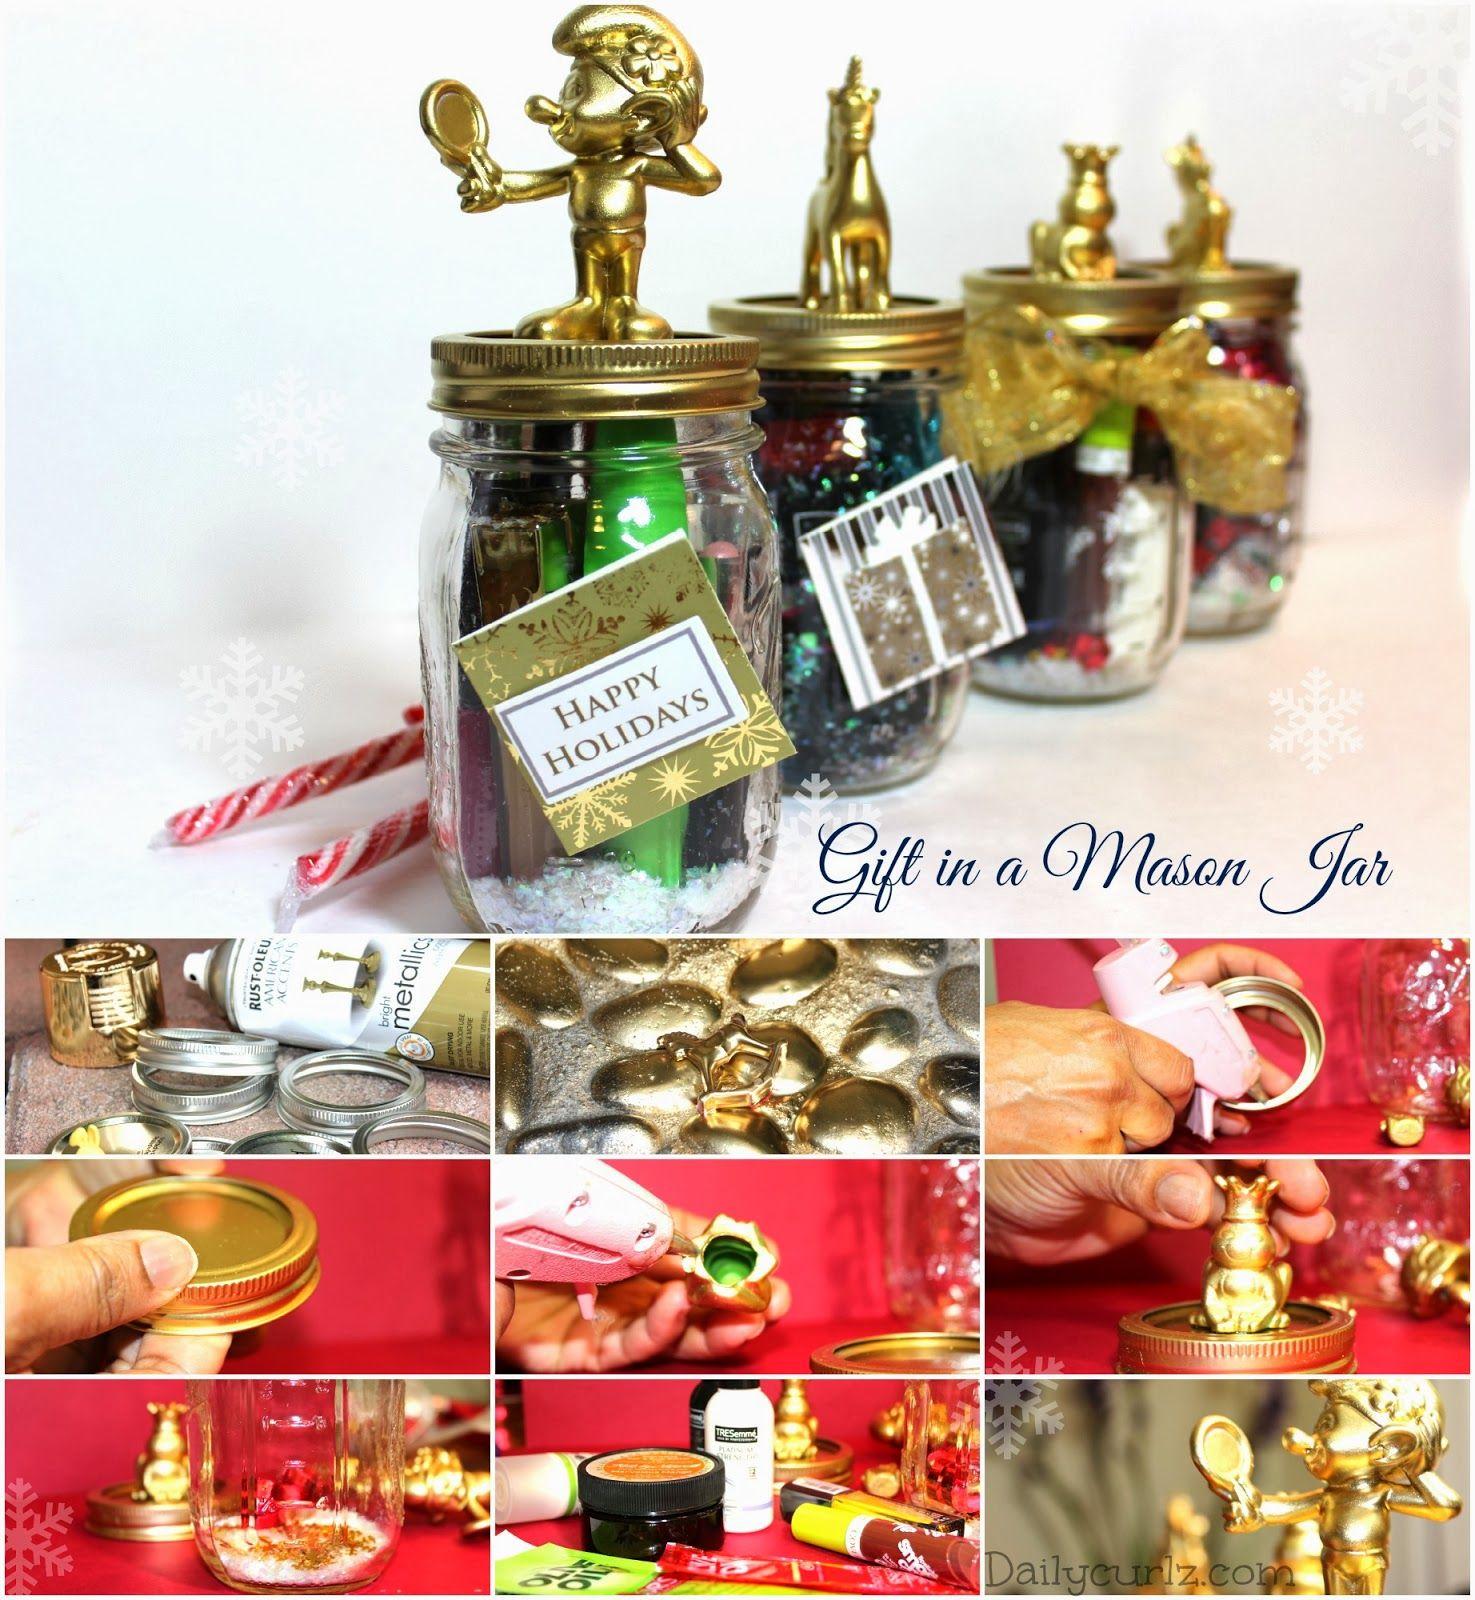 Diy Christmas Gift In A Mason Jar Manualidades Navide As  ~ Regalos Originales Para Navidad Manualidades